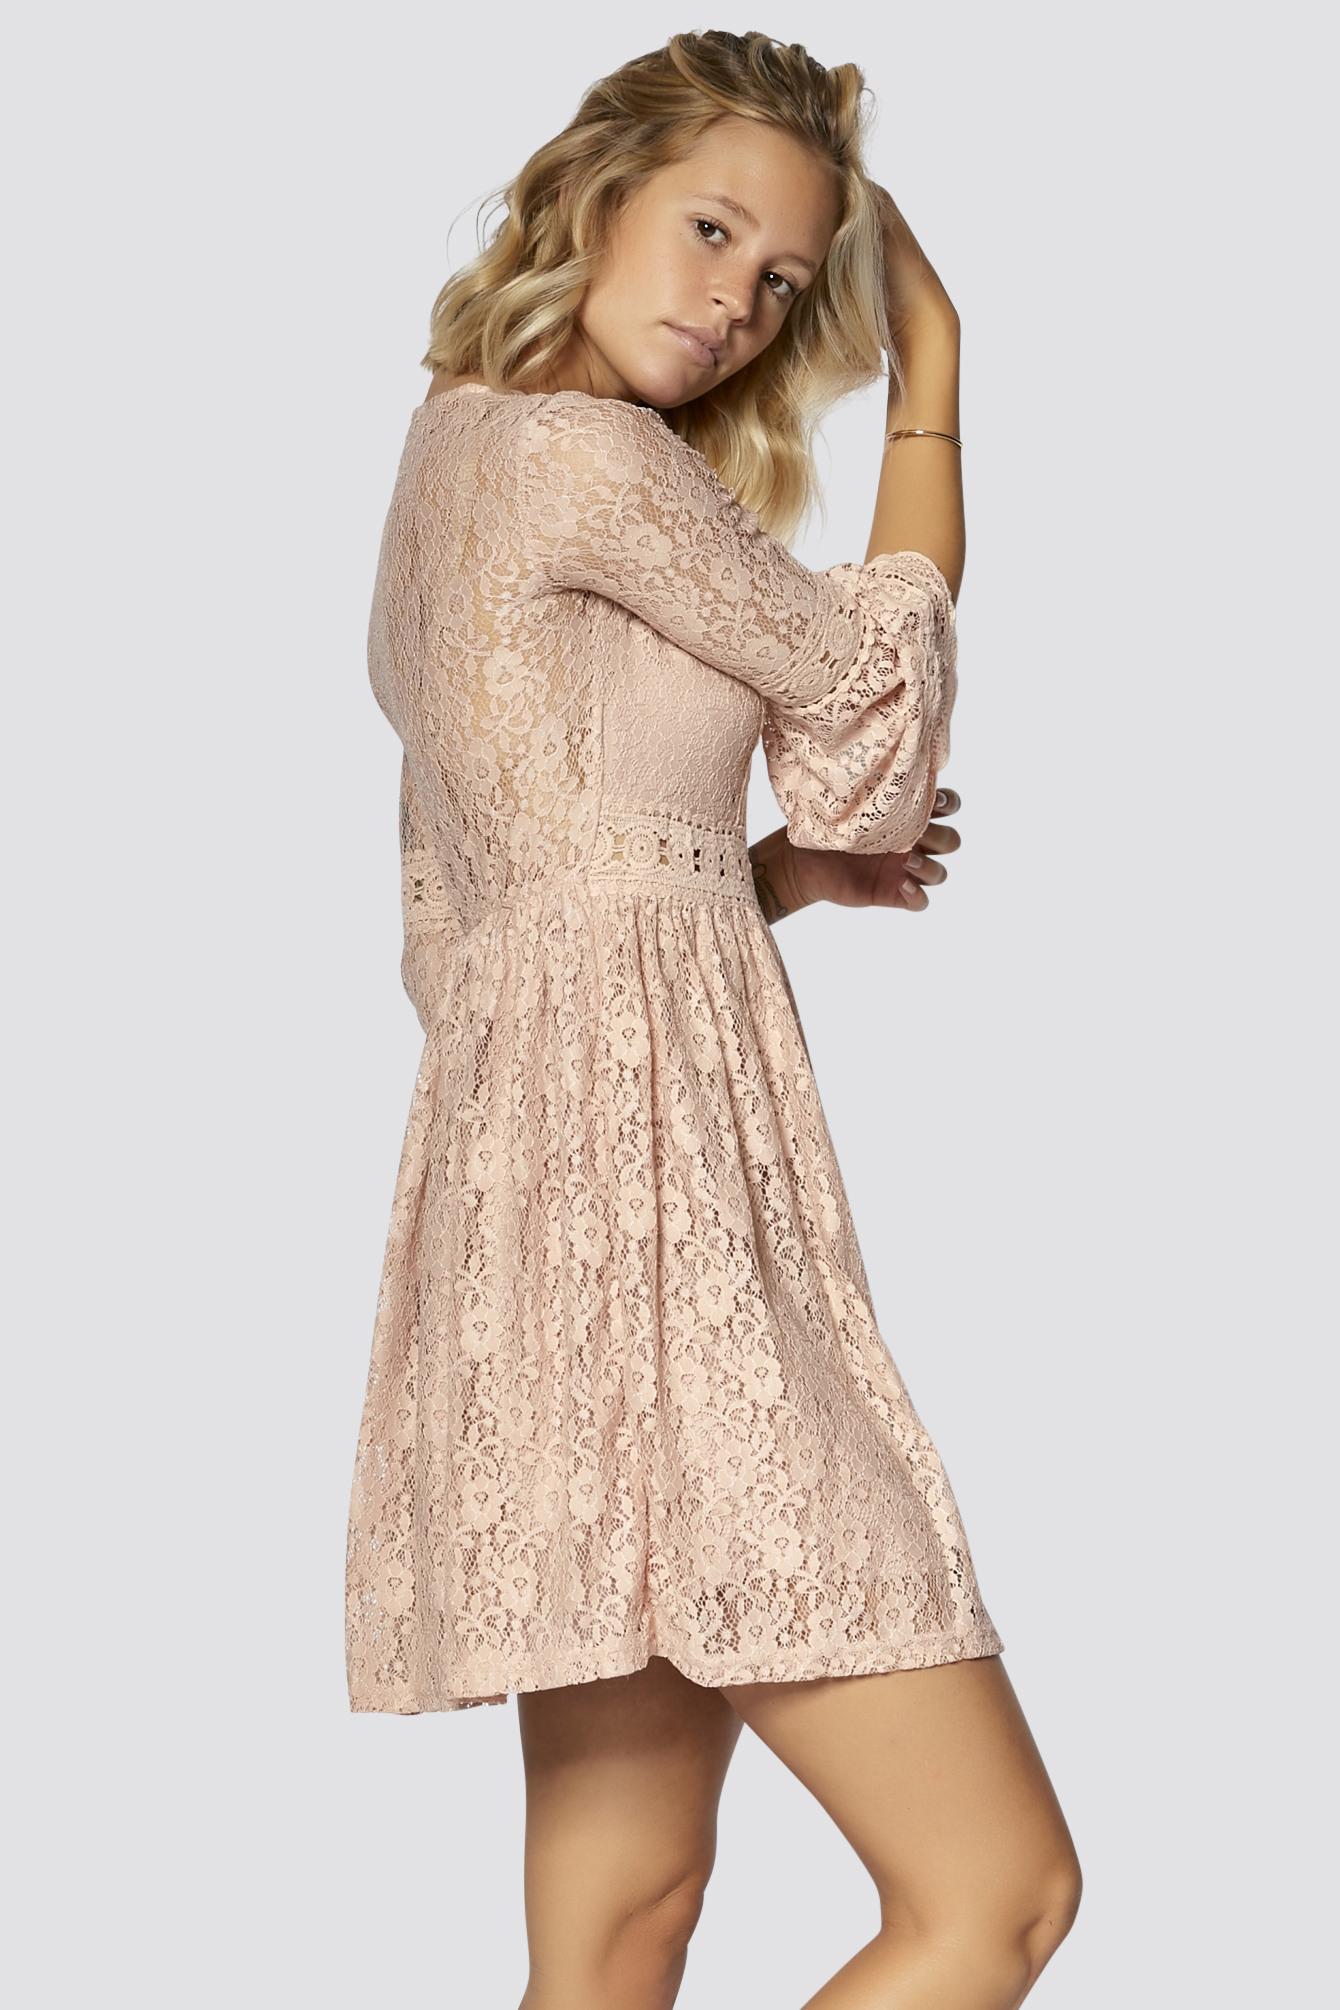 15 Luxus Kleid Mit Spitze Bester PreisDesigner Erstaunlich Kleid Mit Spitze Design